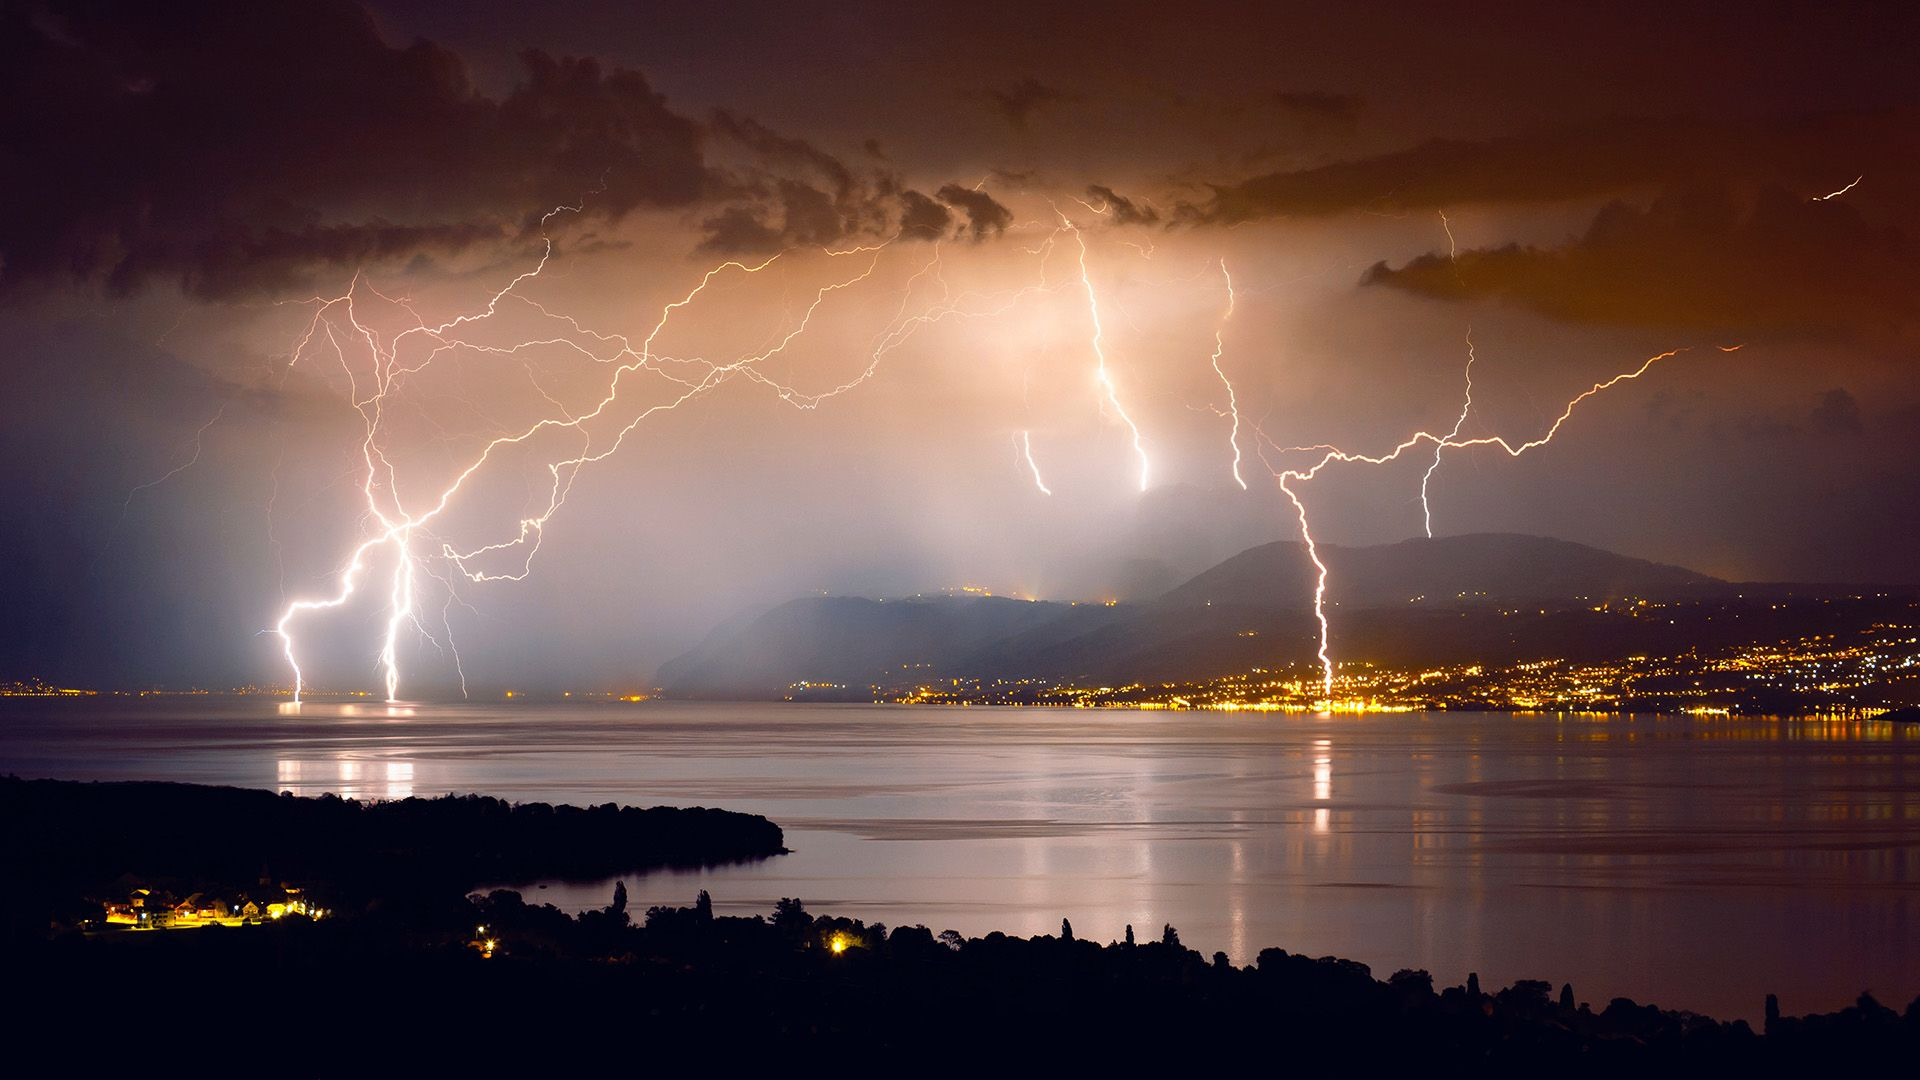 villám, hajó, vihar